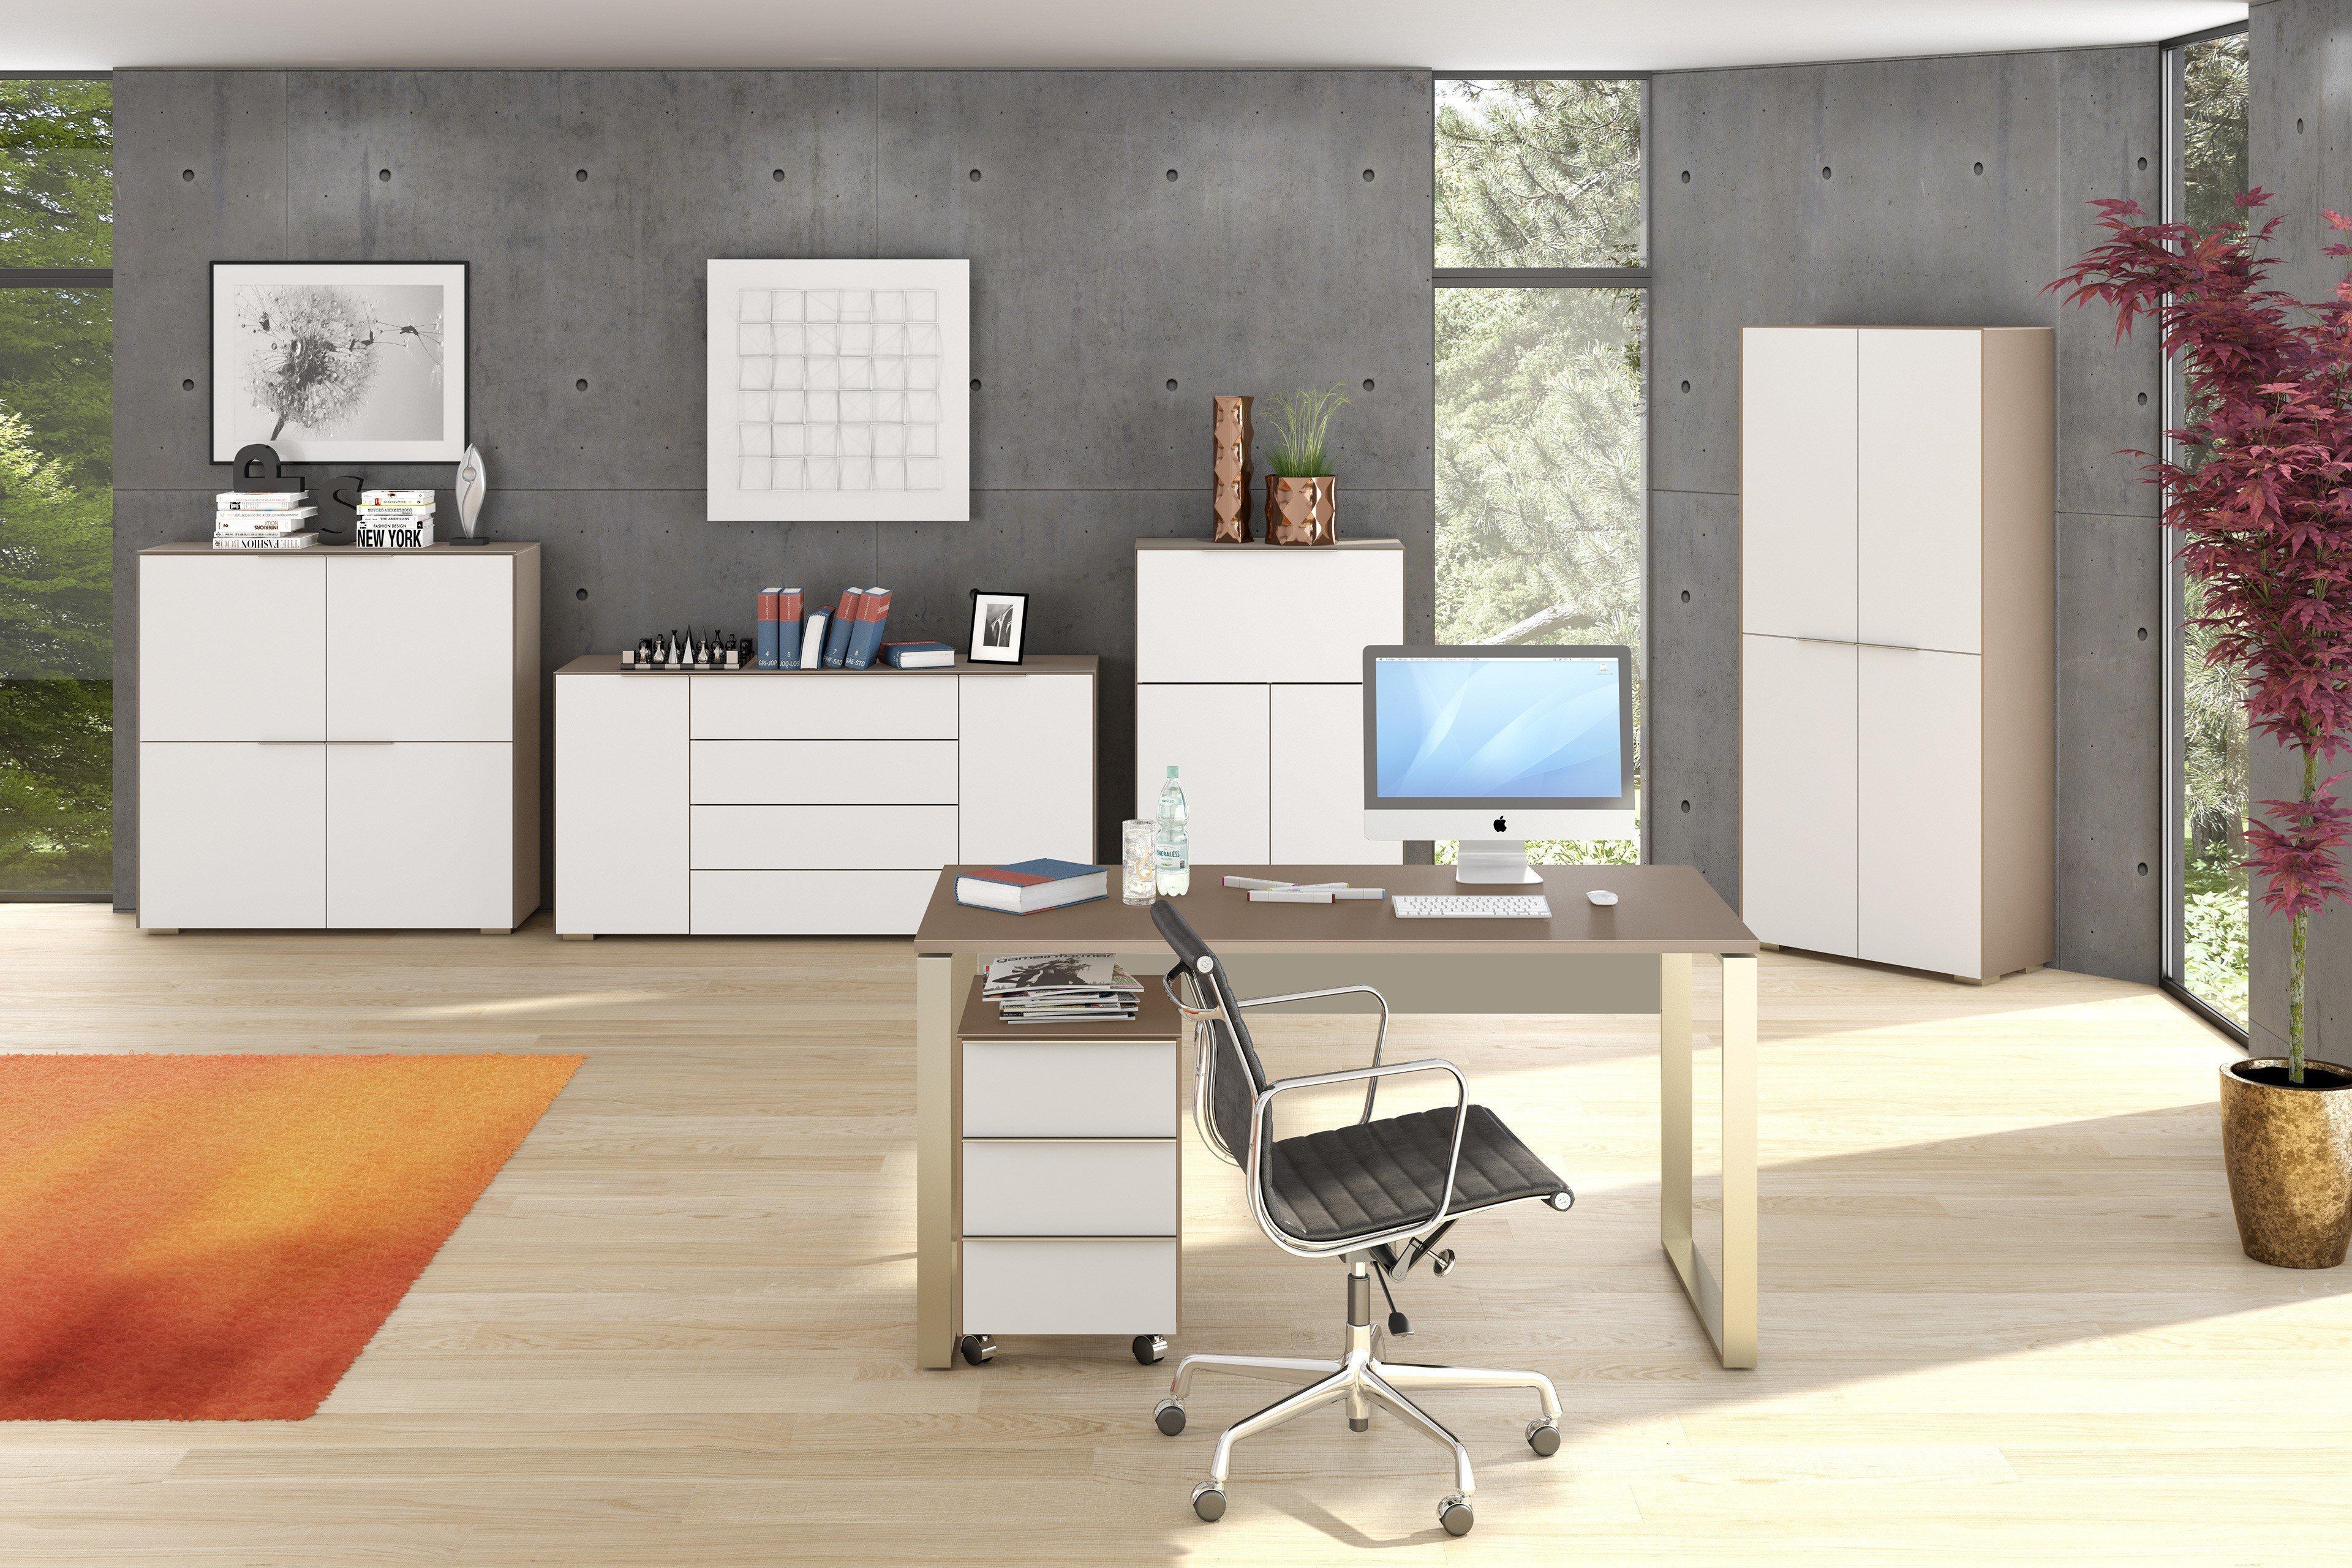 Yas Schreibtisch von Maja Büromöbel Weißglas - sand | Möbel Letz ...